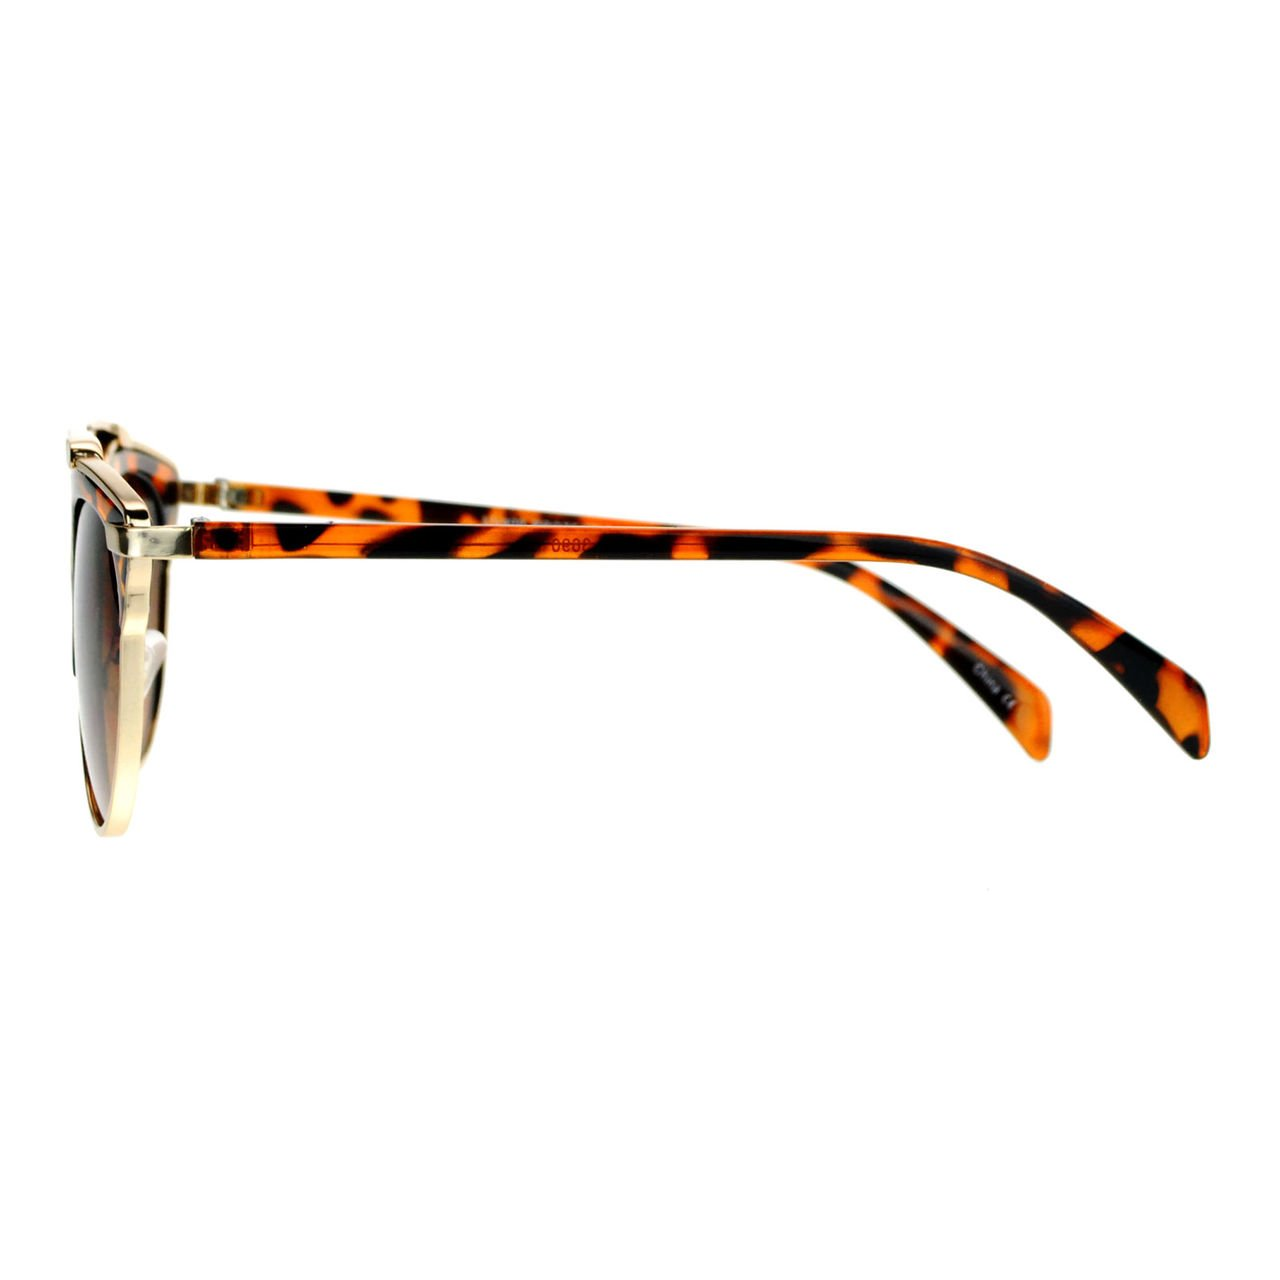 Designer Fashion Sunglasses Top Bar Bridge Unisex Retro Chic UV 400